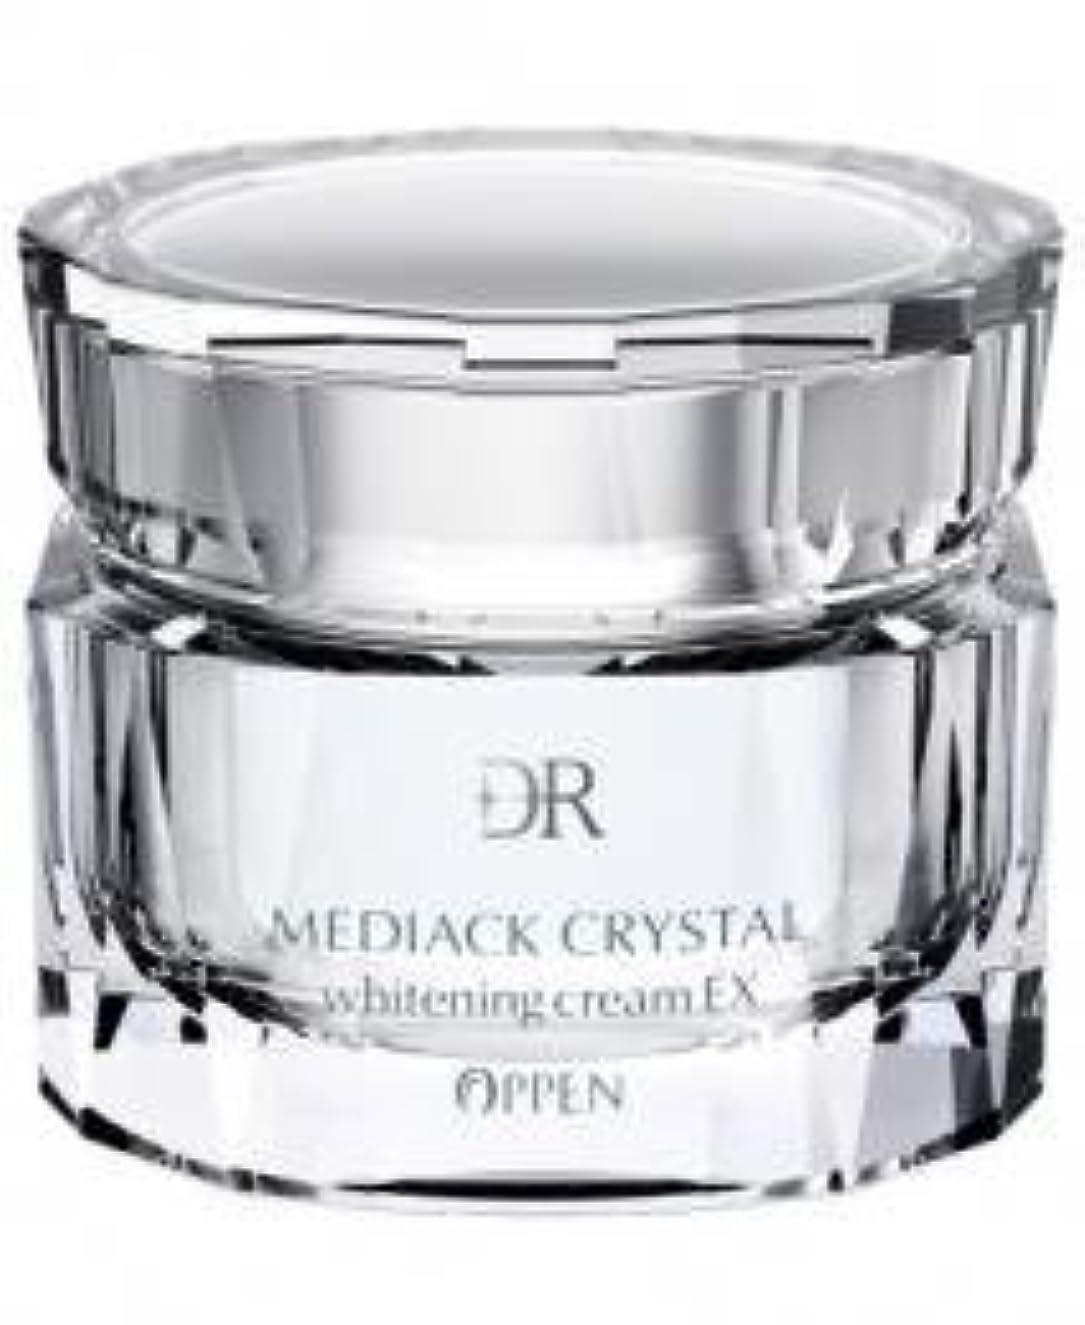 決済するだろうラジカルオッペン化粧品【OPPEN】 DRメディアッククリスタル ホワイトニングクリーム 35g